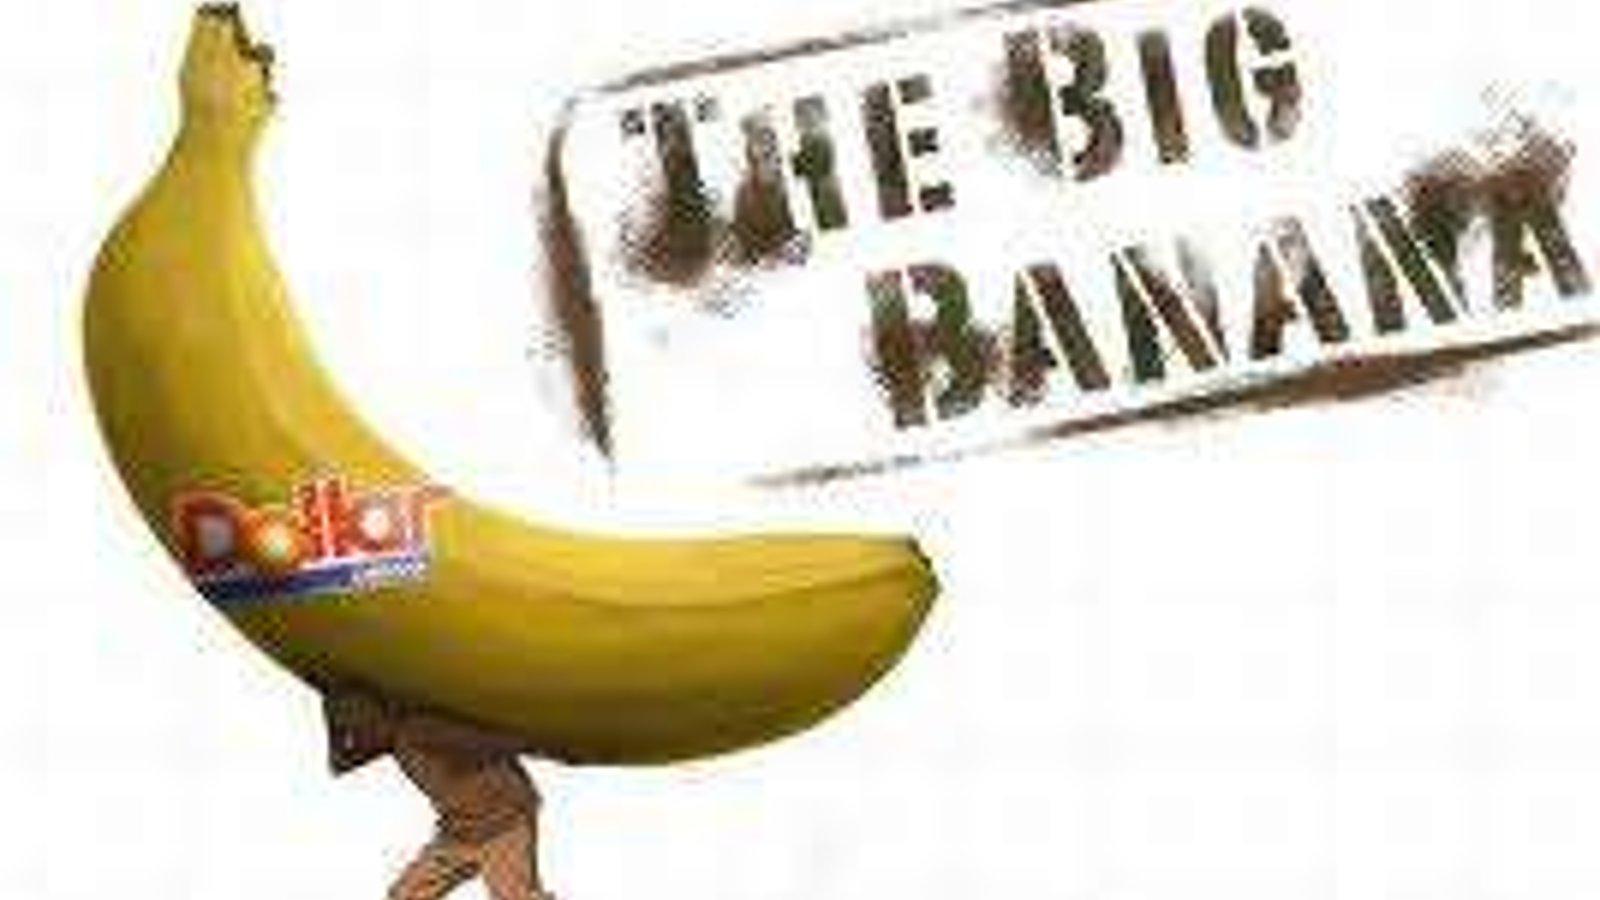 The Big Banana